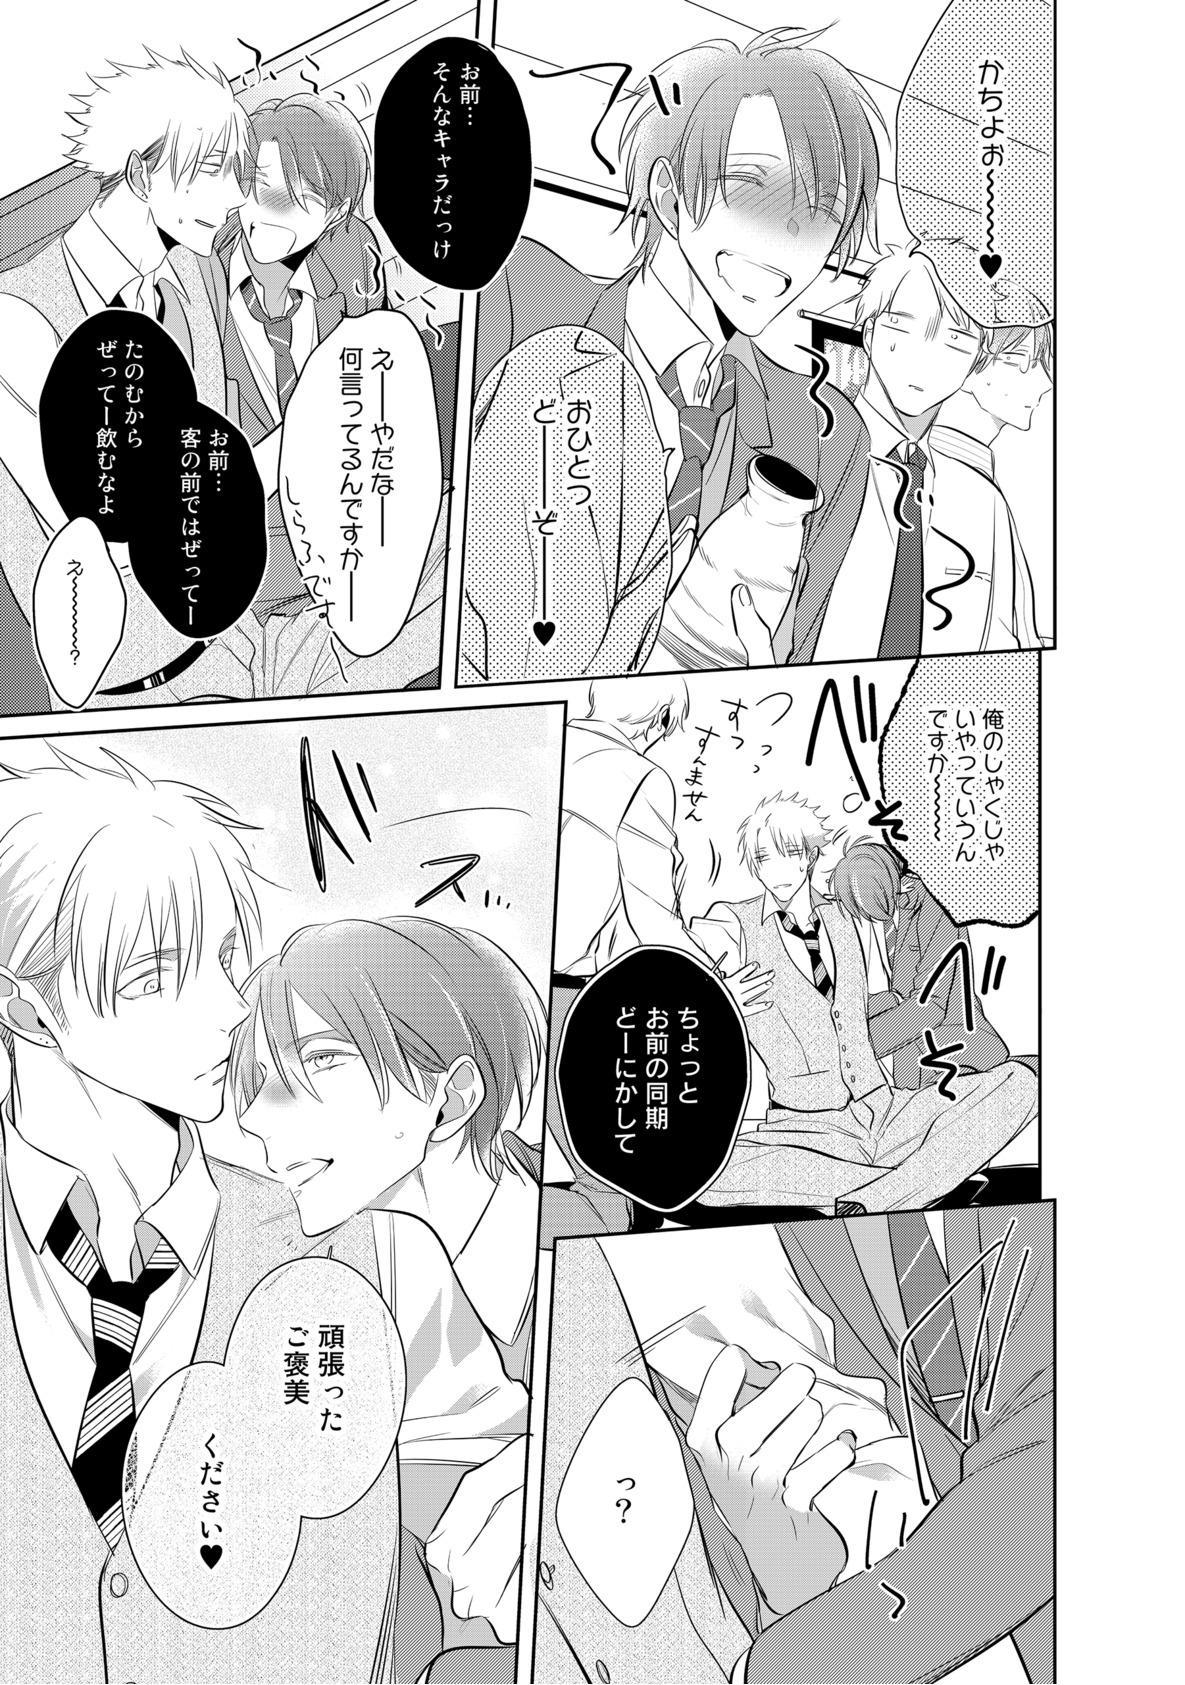 Kurui Naku no wa Boku no Ban ~ vol.2 89